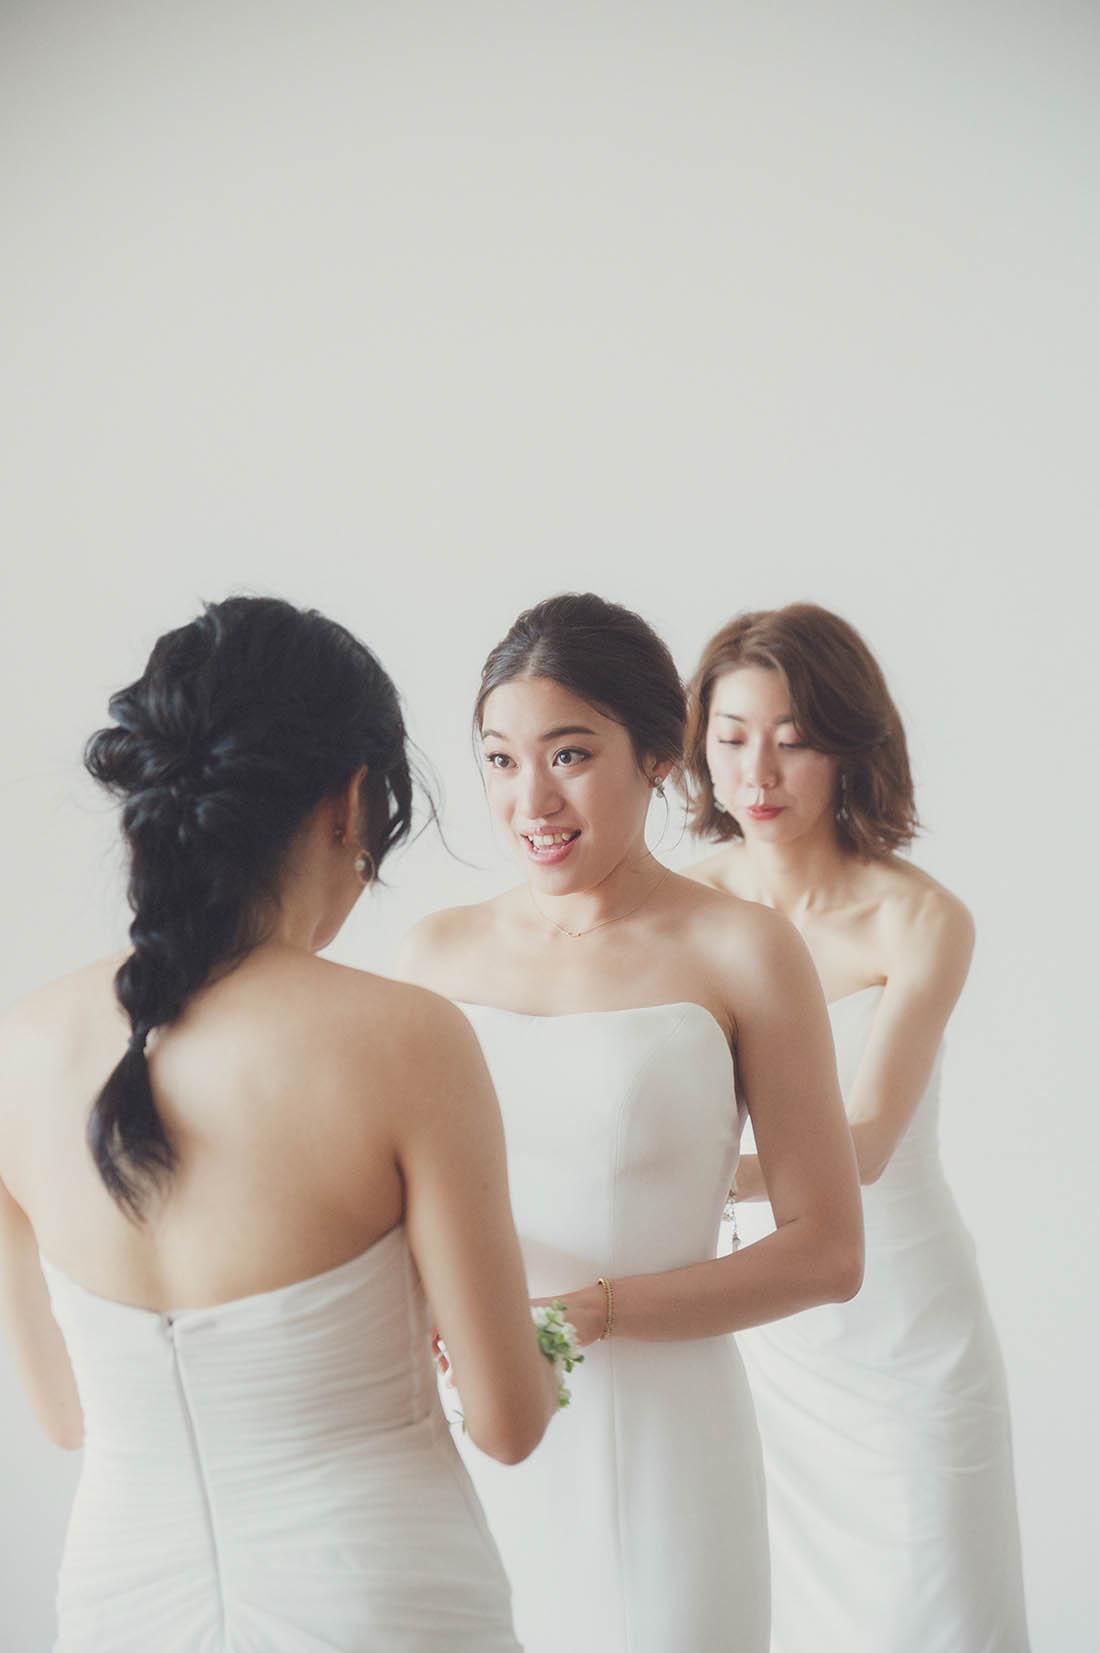 婚禮攝影,淡水嘉廬, 君品COLLECTION